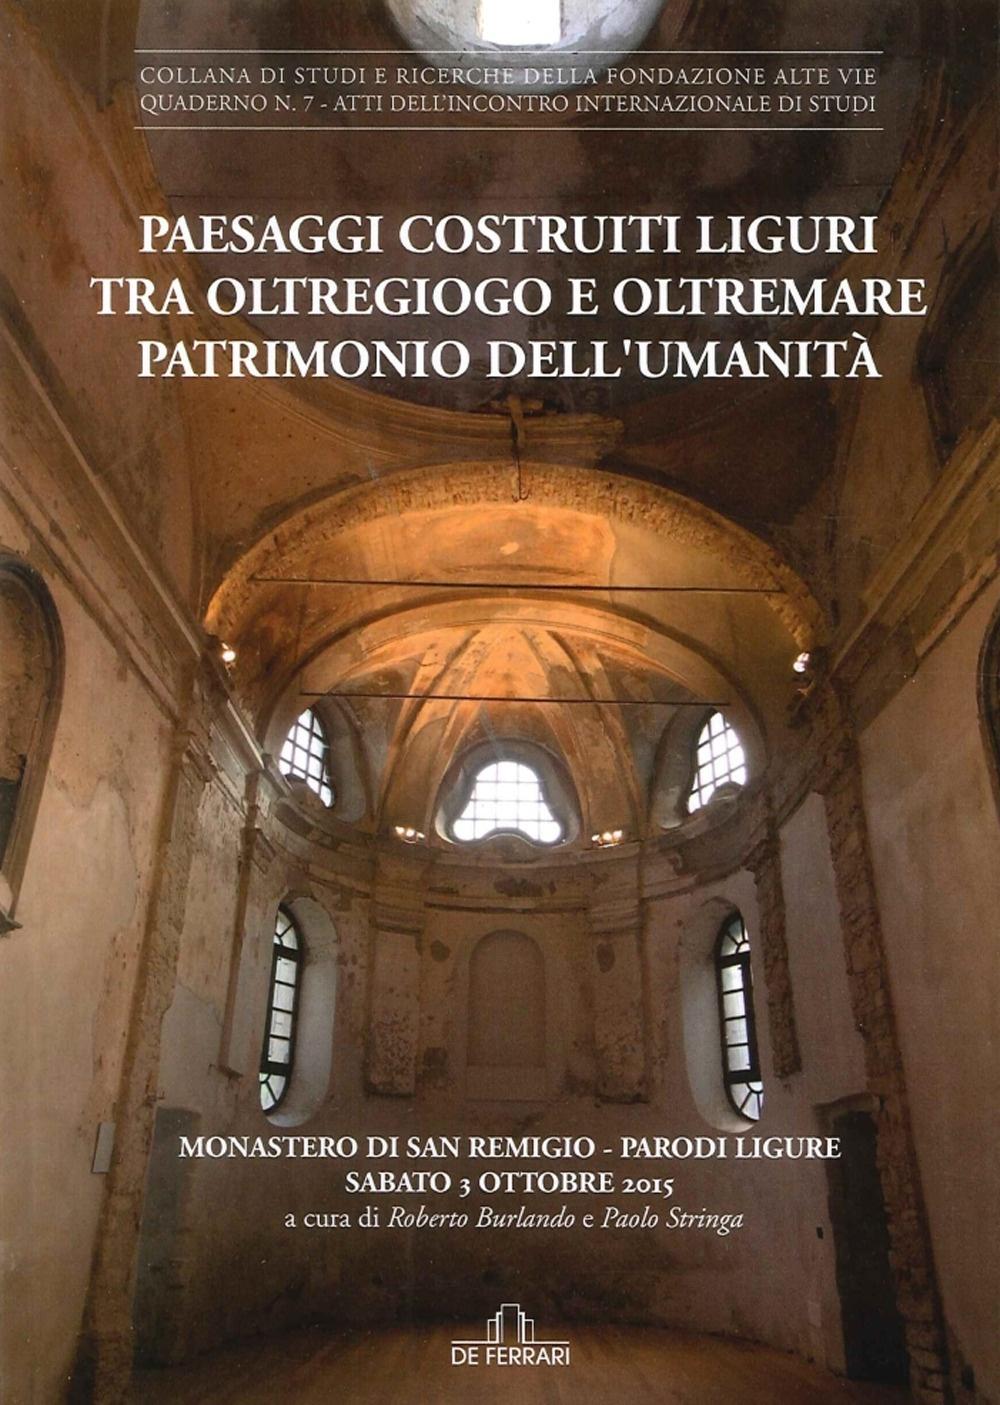 Paesaggi Costruiti Liguri tra Oltregioco e Oltremare Patrimonio Dell'Umanità. Monastero di San Remigio (Parodi Liguri, 3 Ottobre 2015)